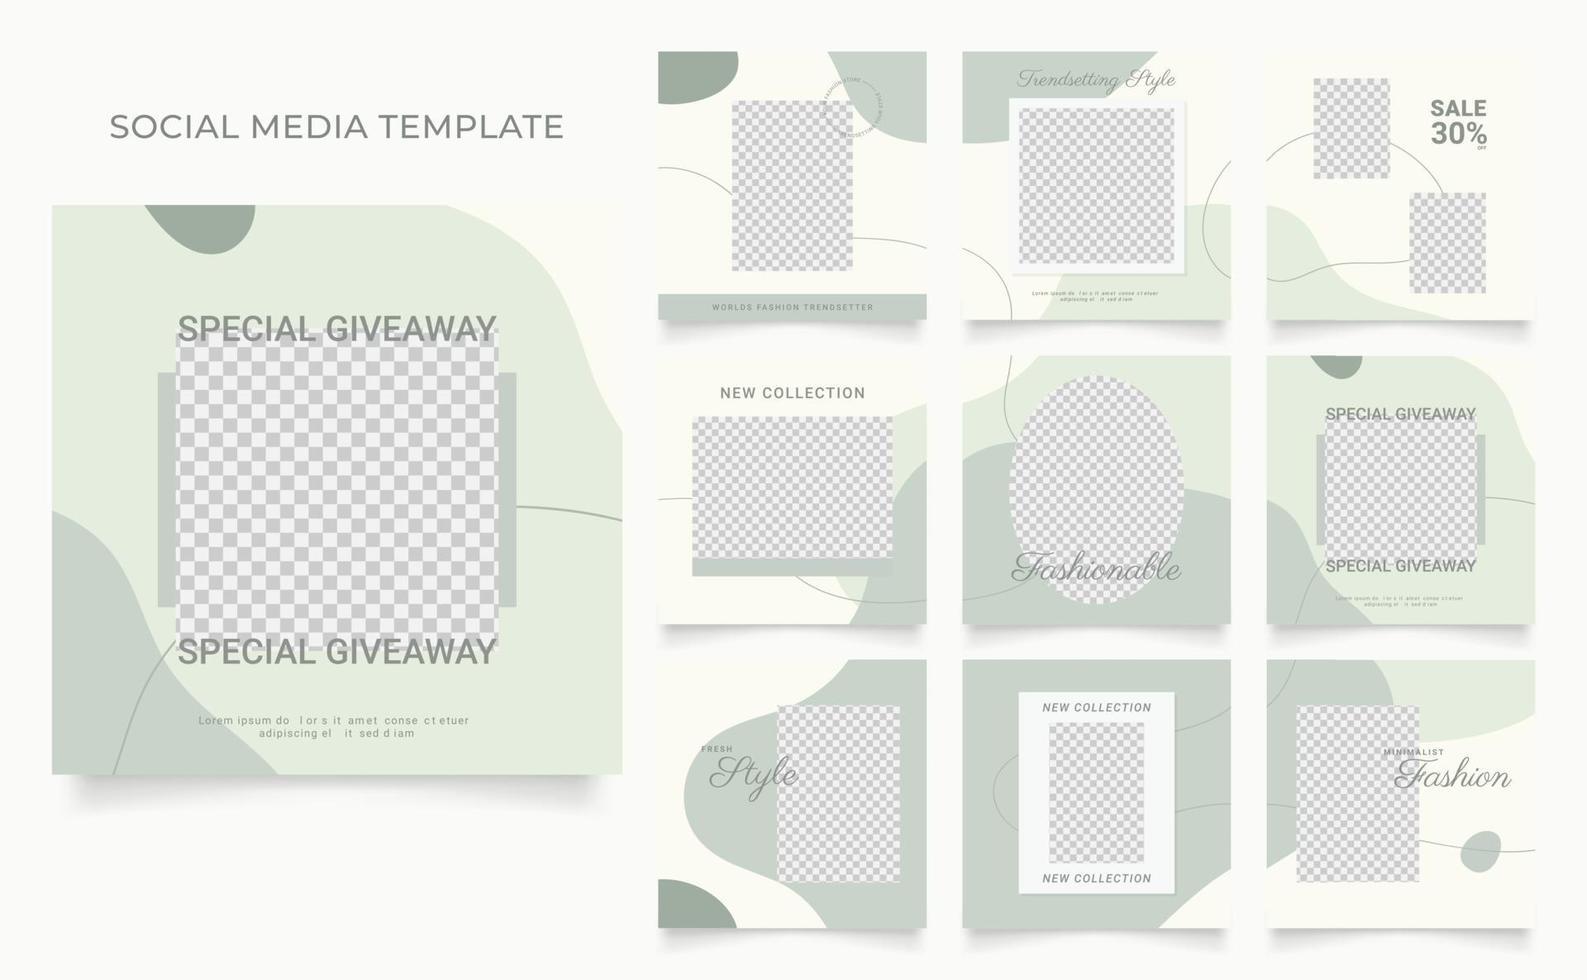 Social Media Vorlage Banner Blog Mode Verkauf Förderung. voll editierbares quadratisches Pfostenrahmen-Puzzle-Bio-Verkaufsplakat. grüner weißer Vektorhintergrund vektor